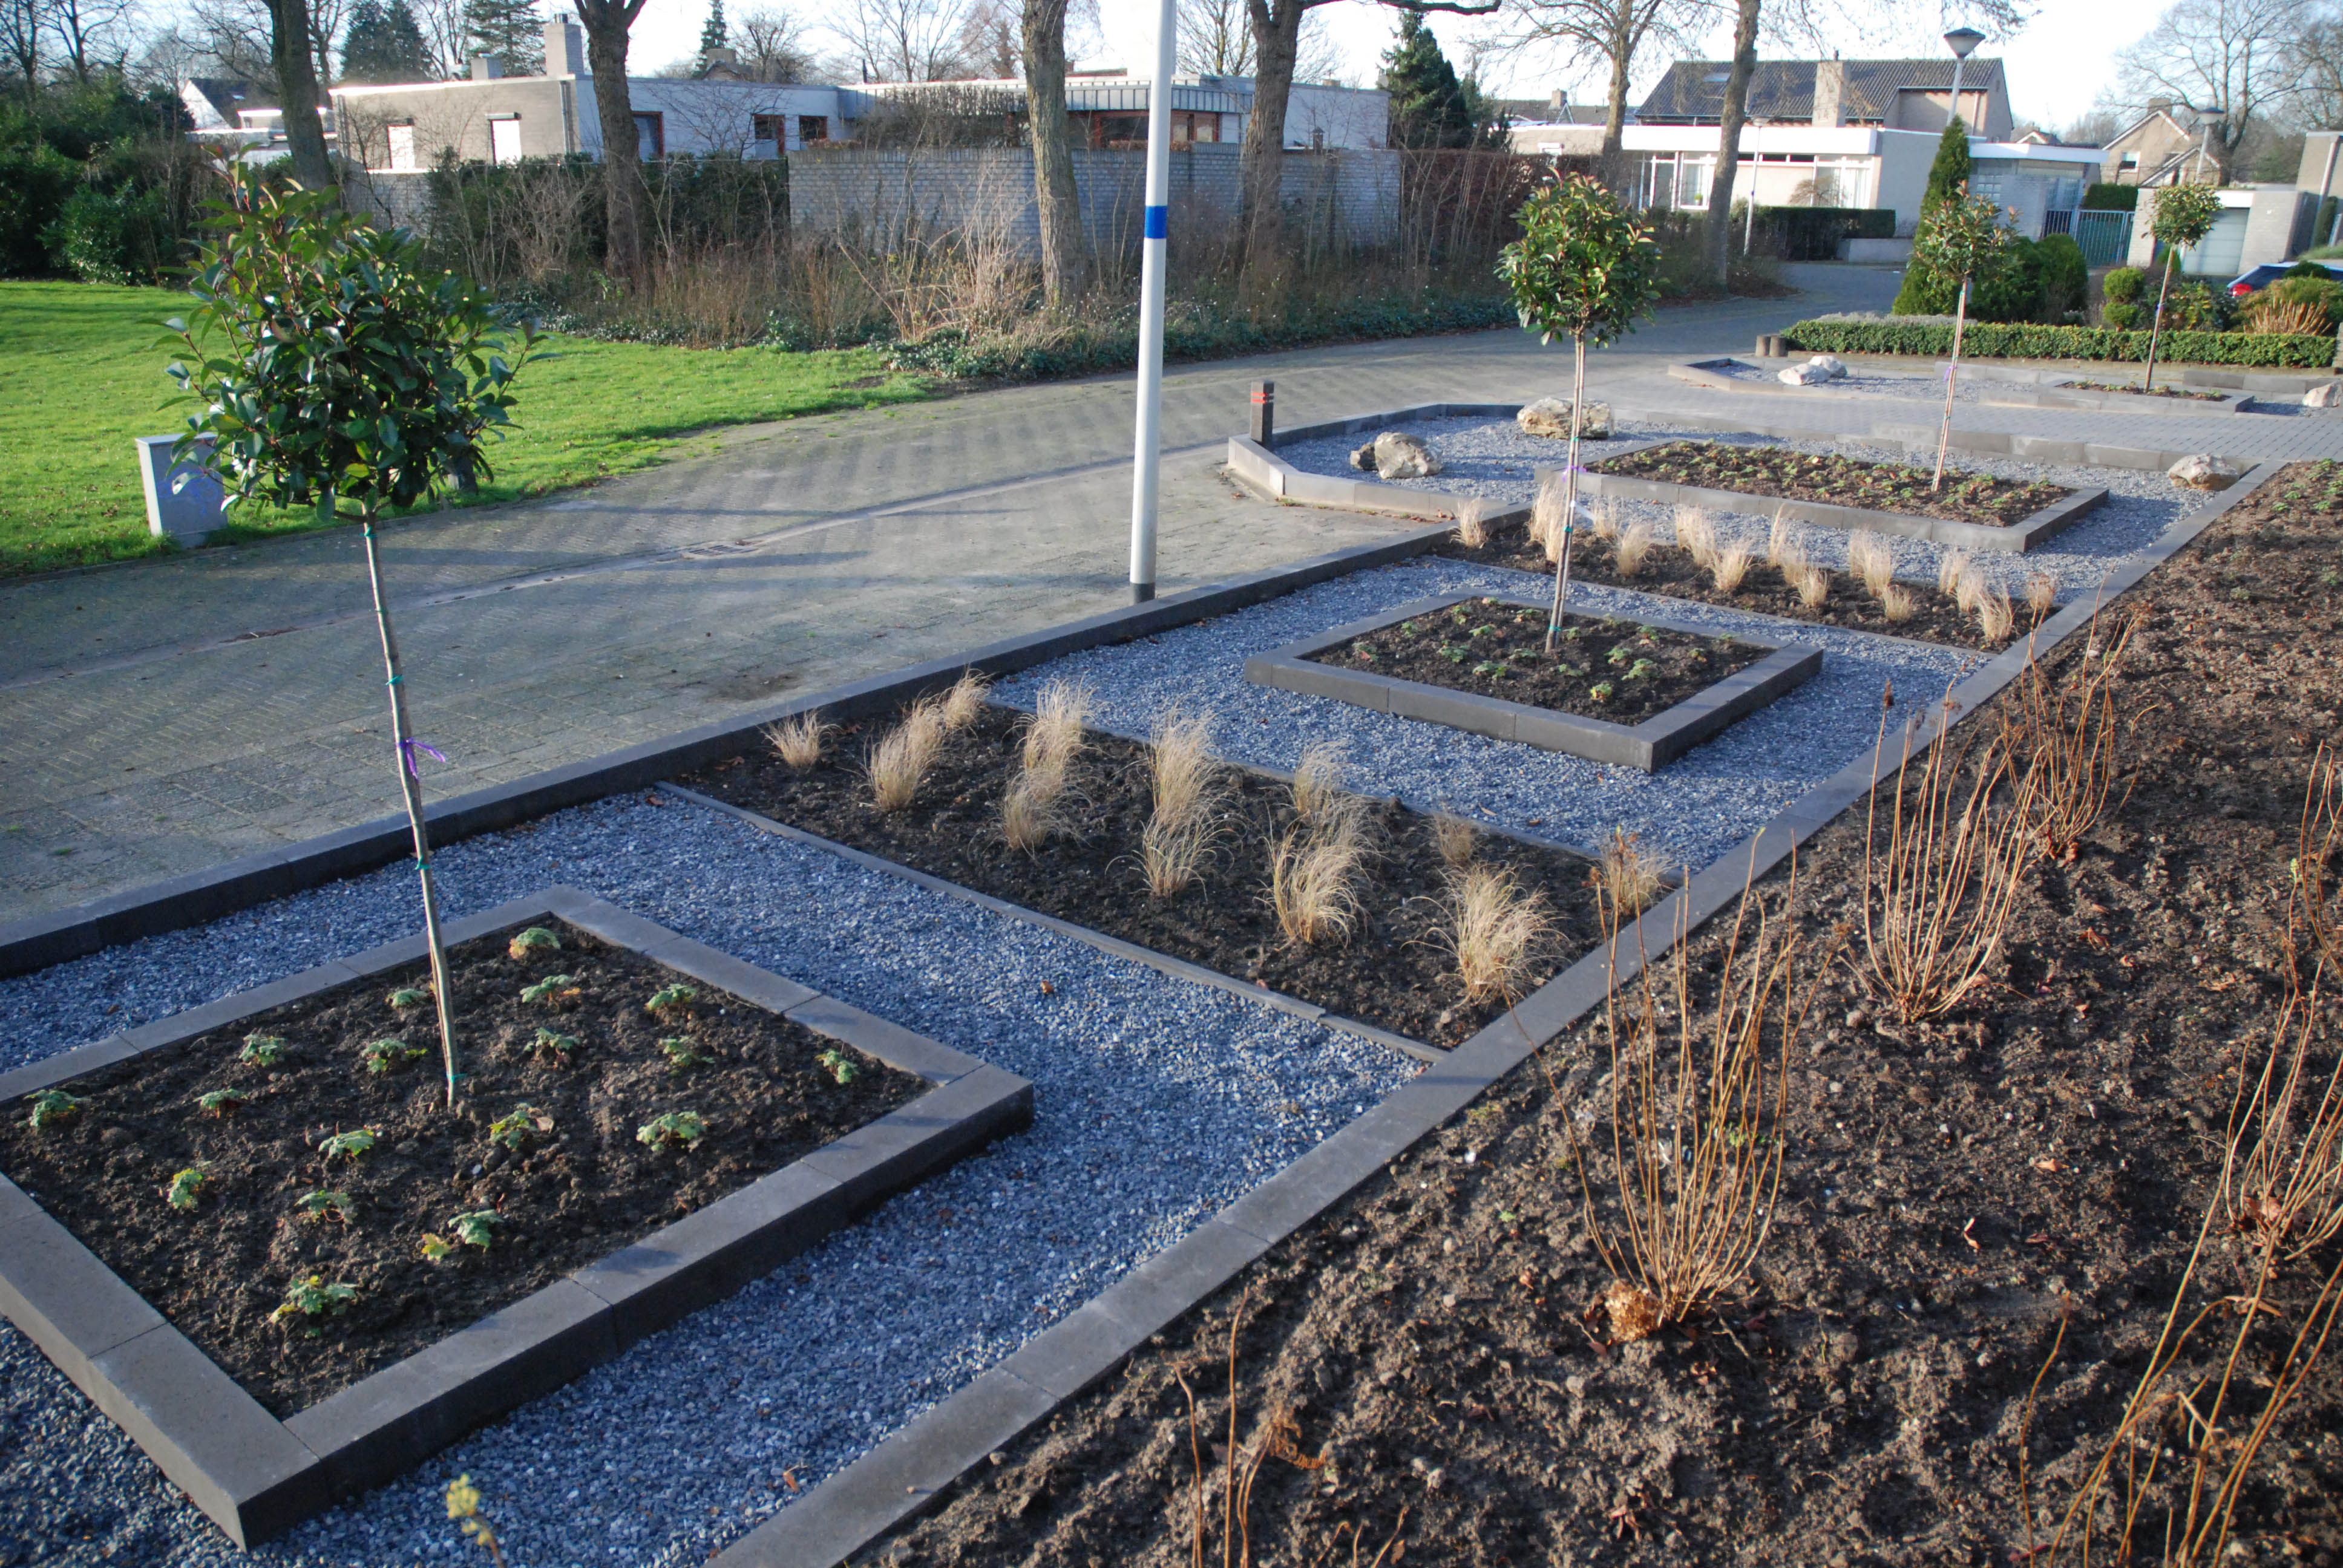 Onderhoudsvriendelijke tuin – Tuin en groenvoorzieningen